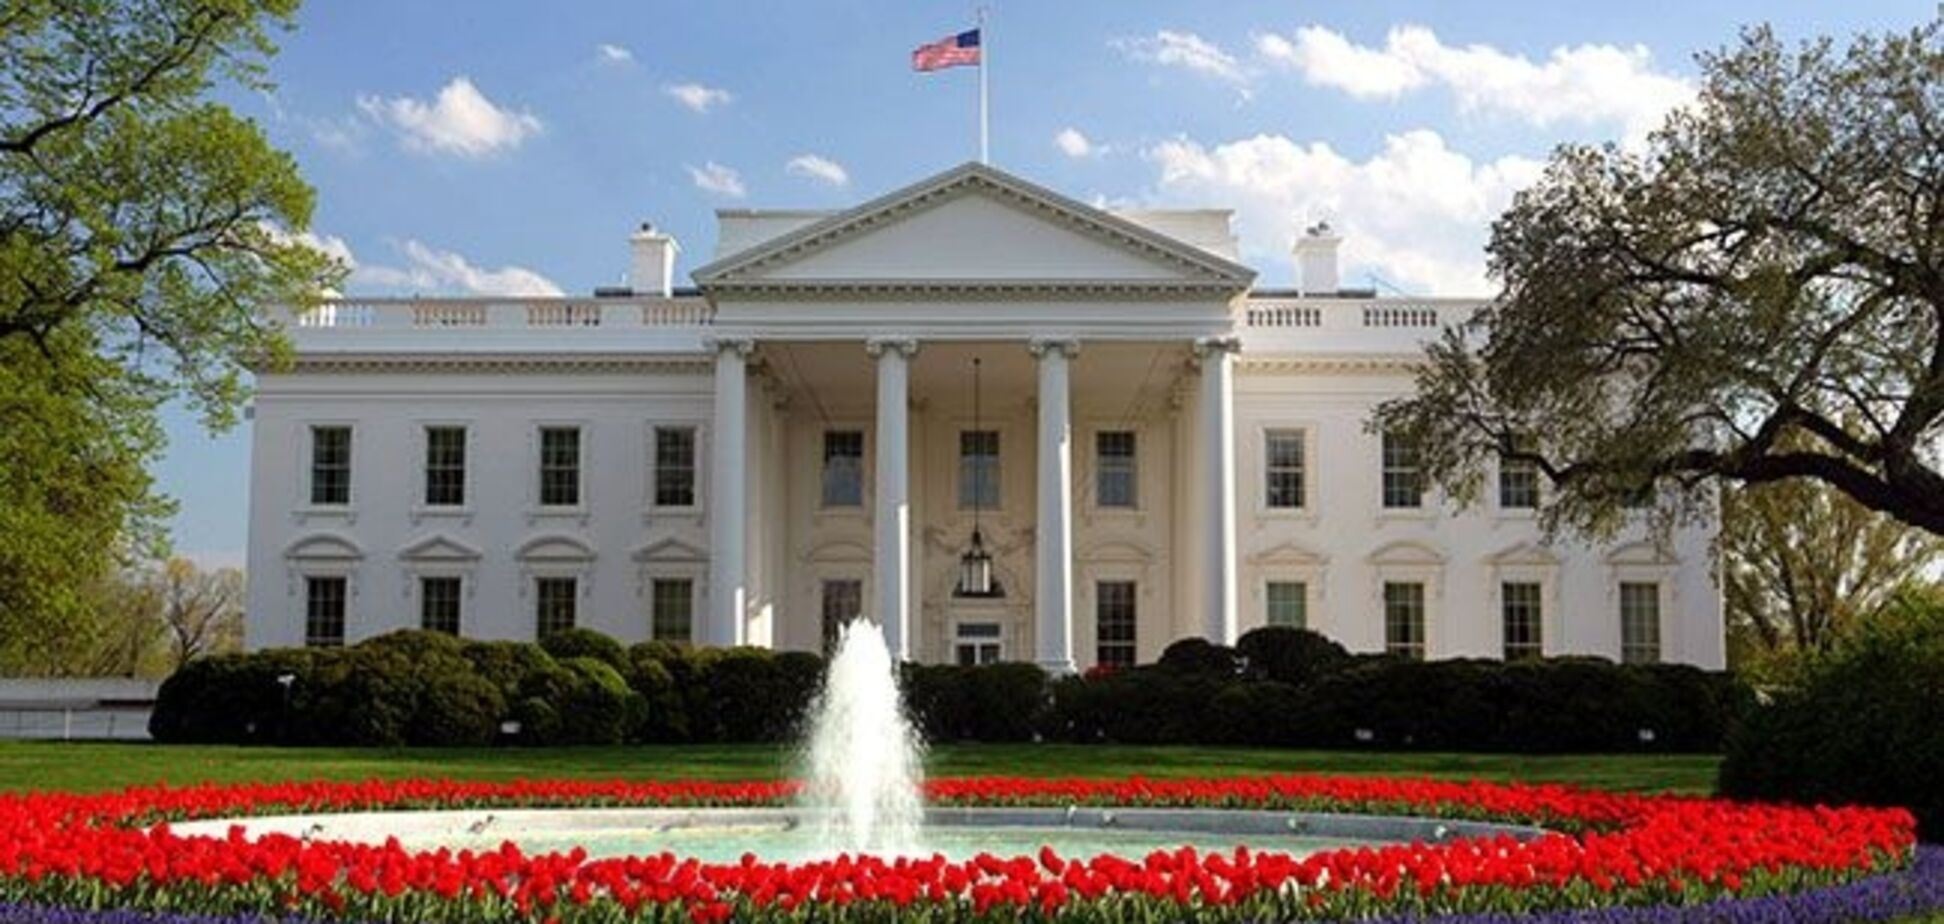 Відправили бомбу: у США намагалися підірвати Білий дім